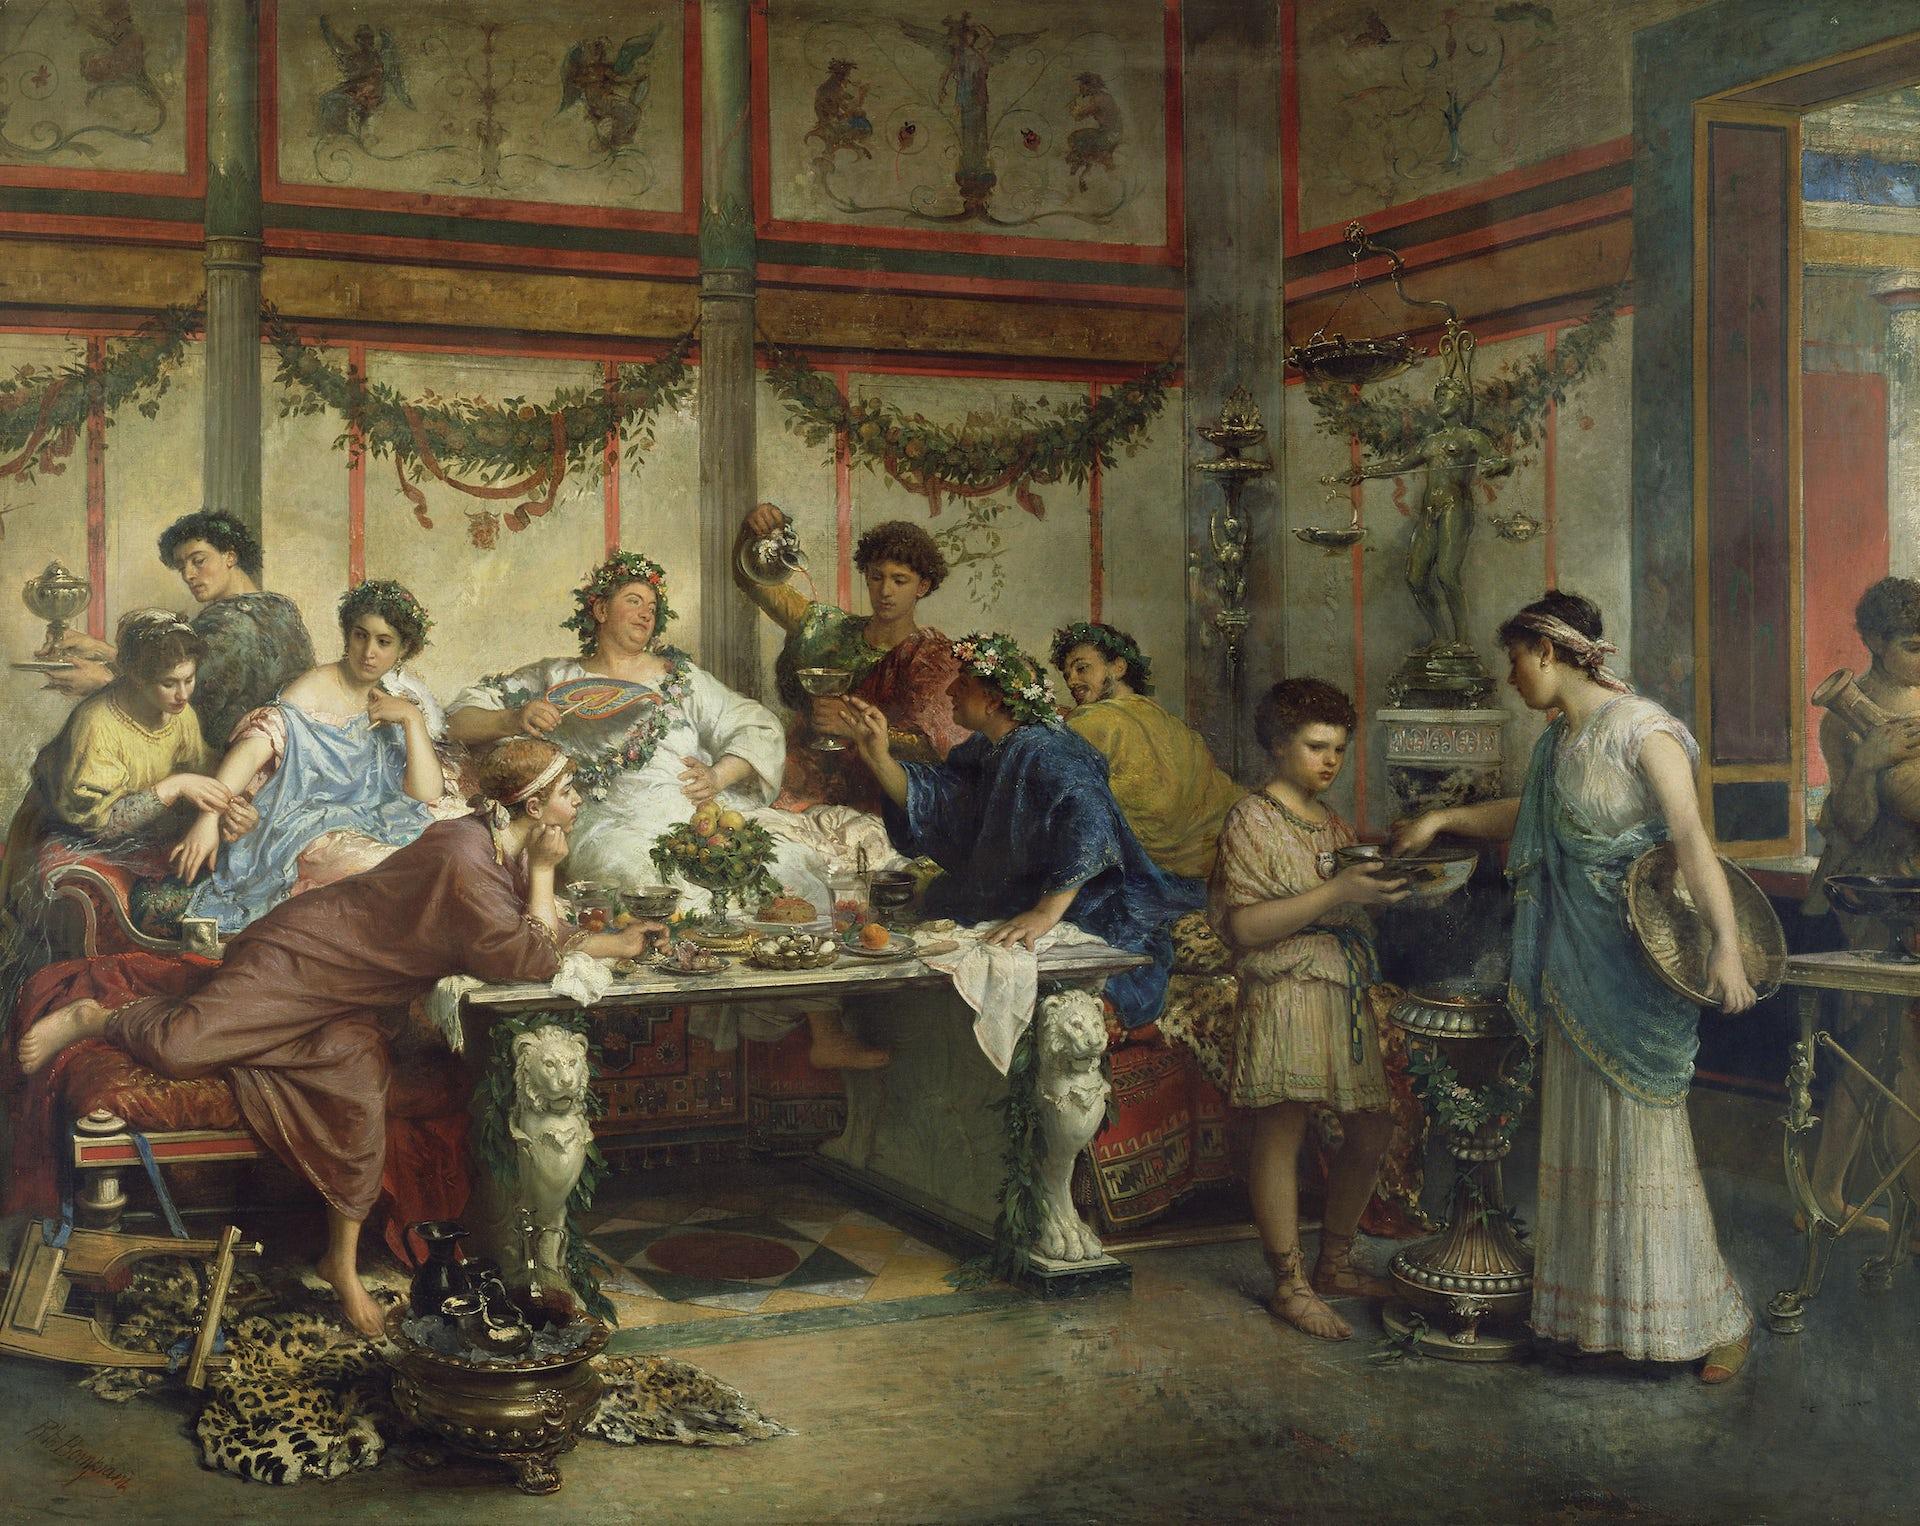 Caligula orgies vomit puke